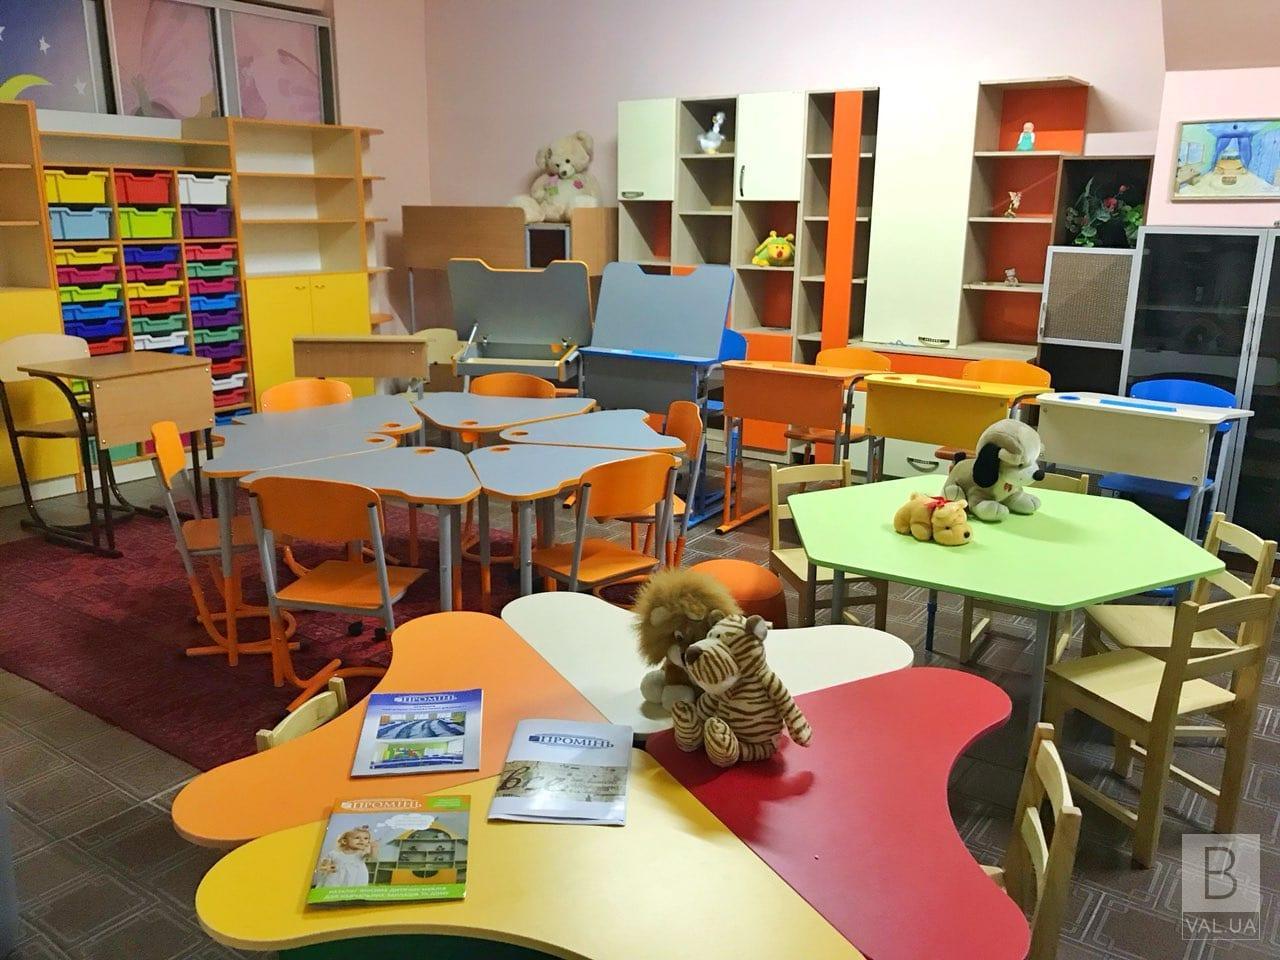 Проектори, документ-камери, меблі: на кабінети для чернігівських першокласників піде 12 мільйонів гривень